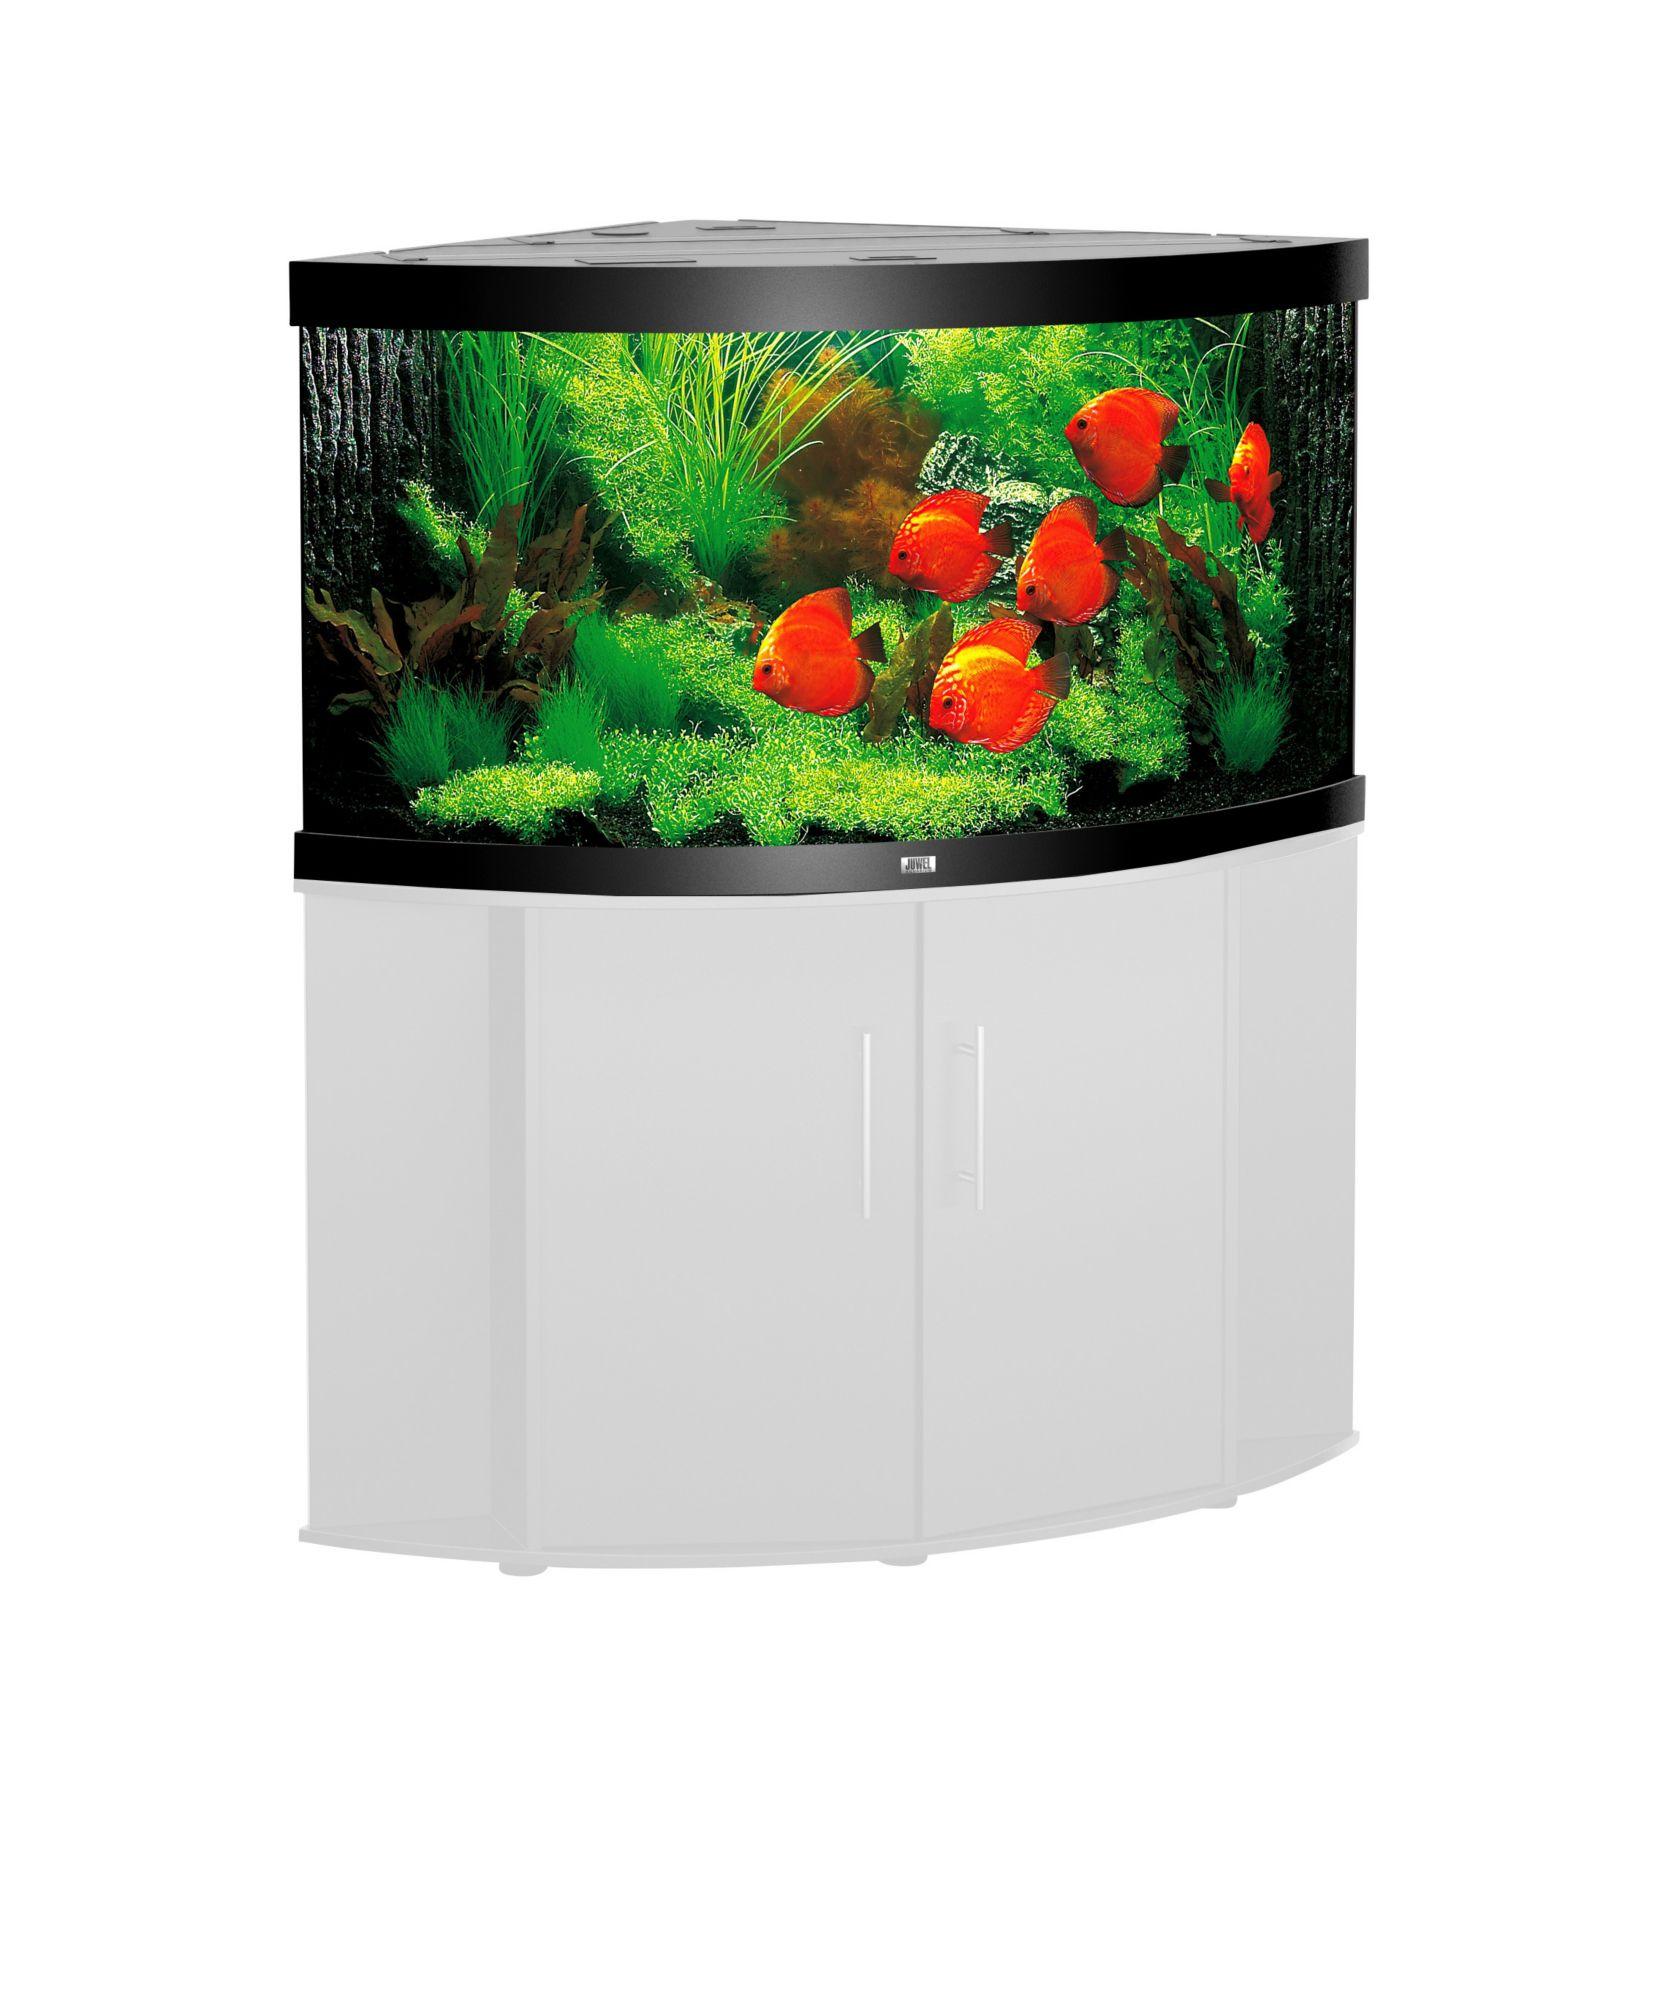 Aquarium trigon 190 schwab versand aquarien for Aquarium versand